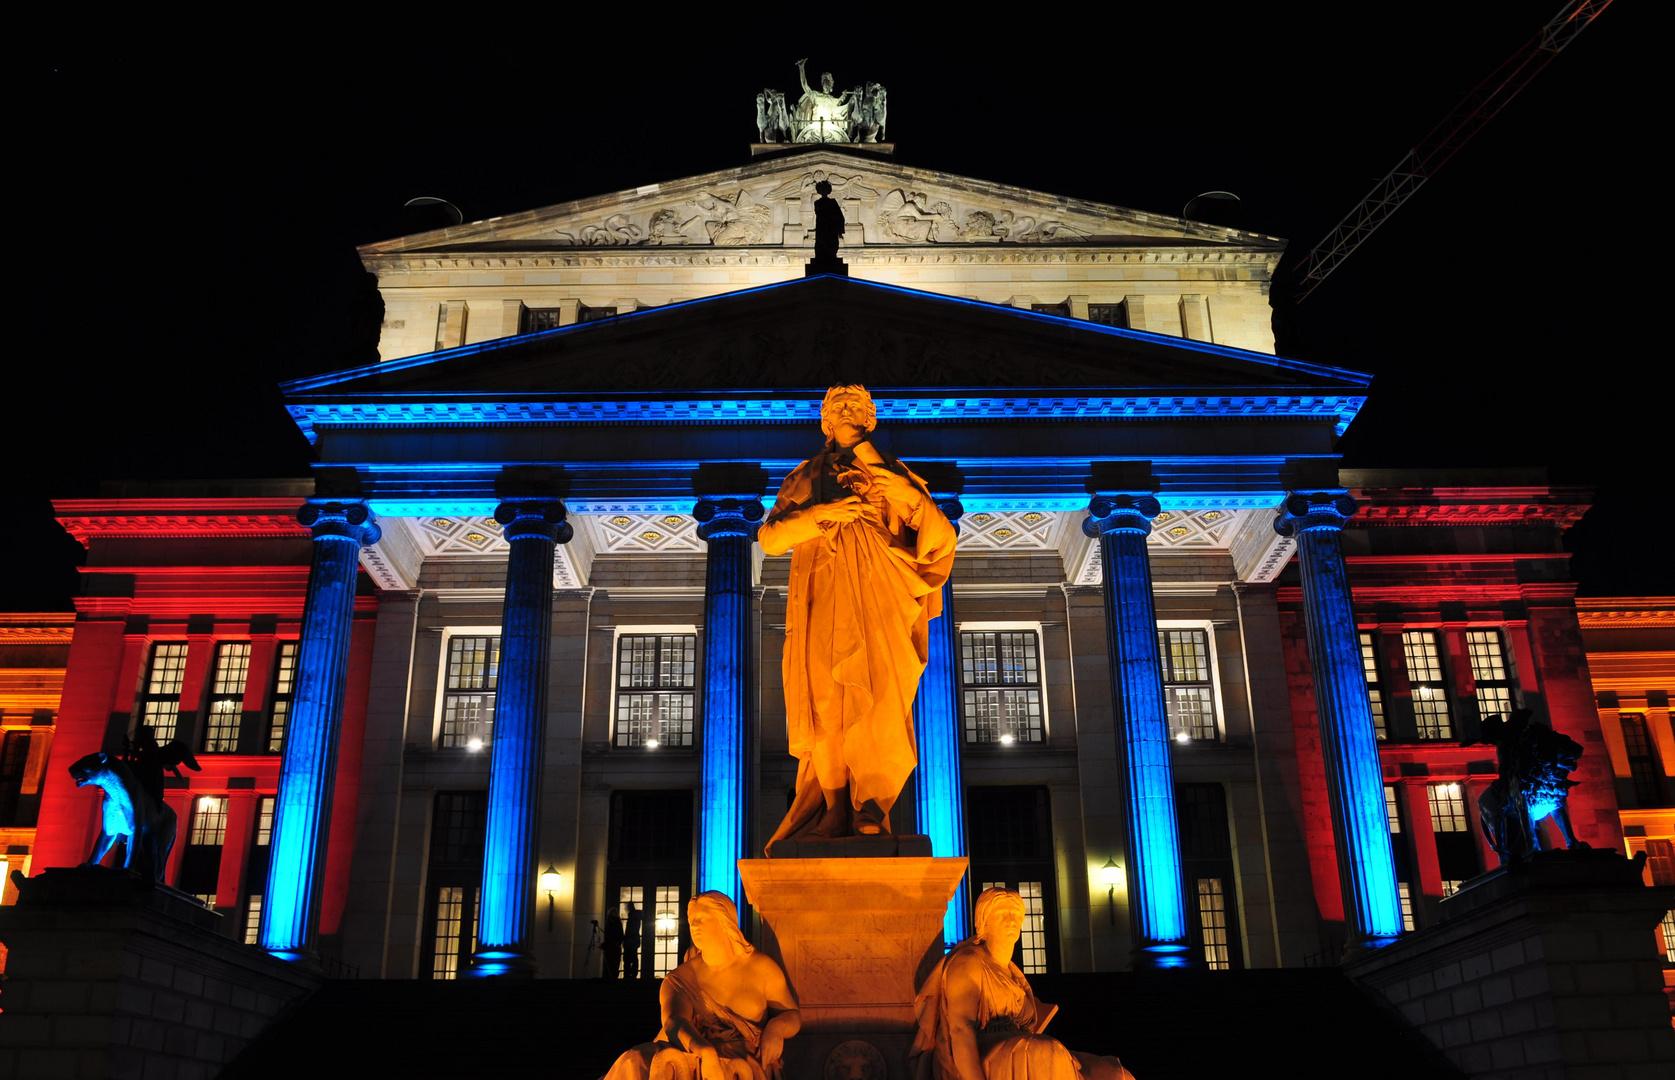 Konzerthaus / Berlin 2010